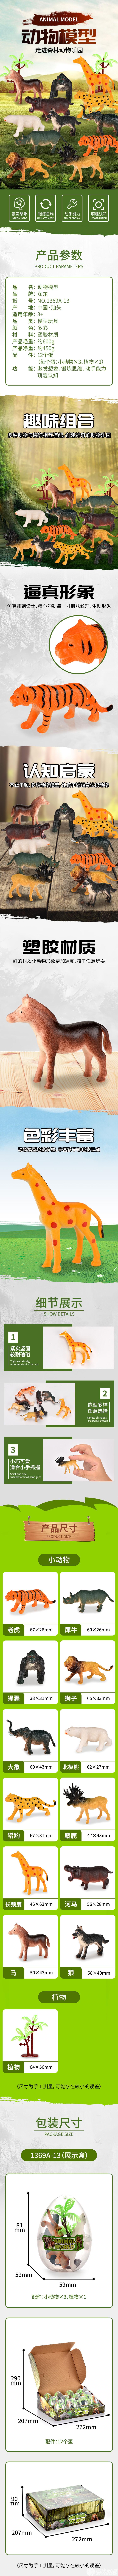 润东玩具厂-(1369A-13)-动物模型-中文版详情页.jpg